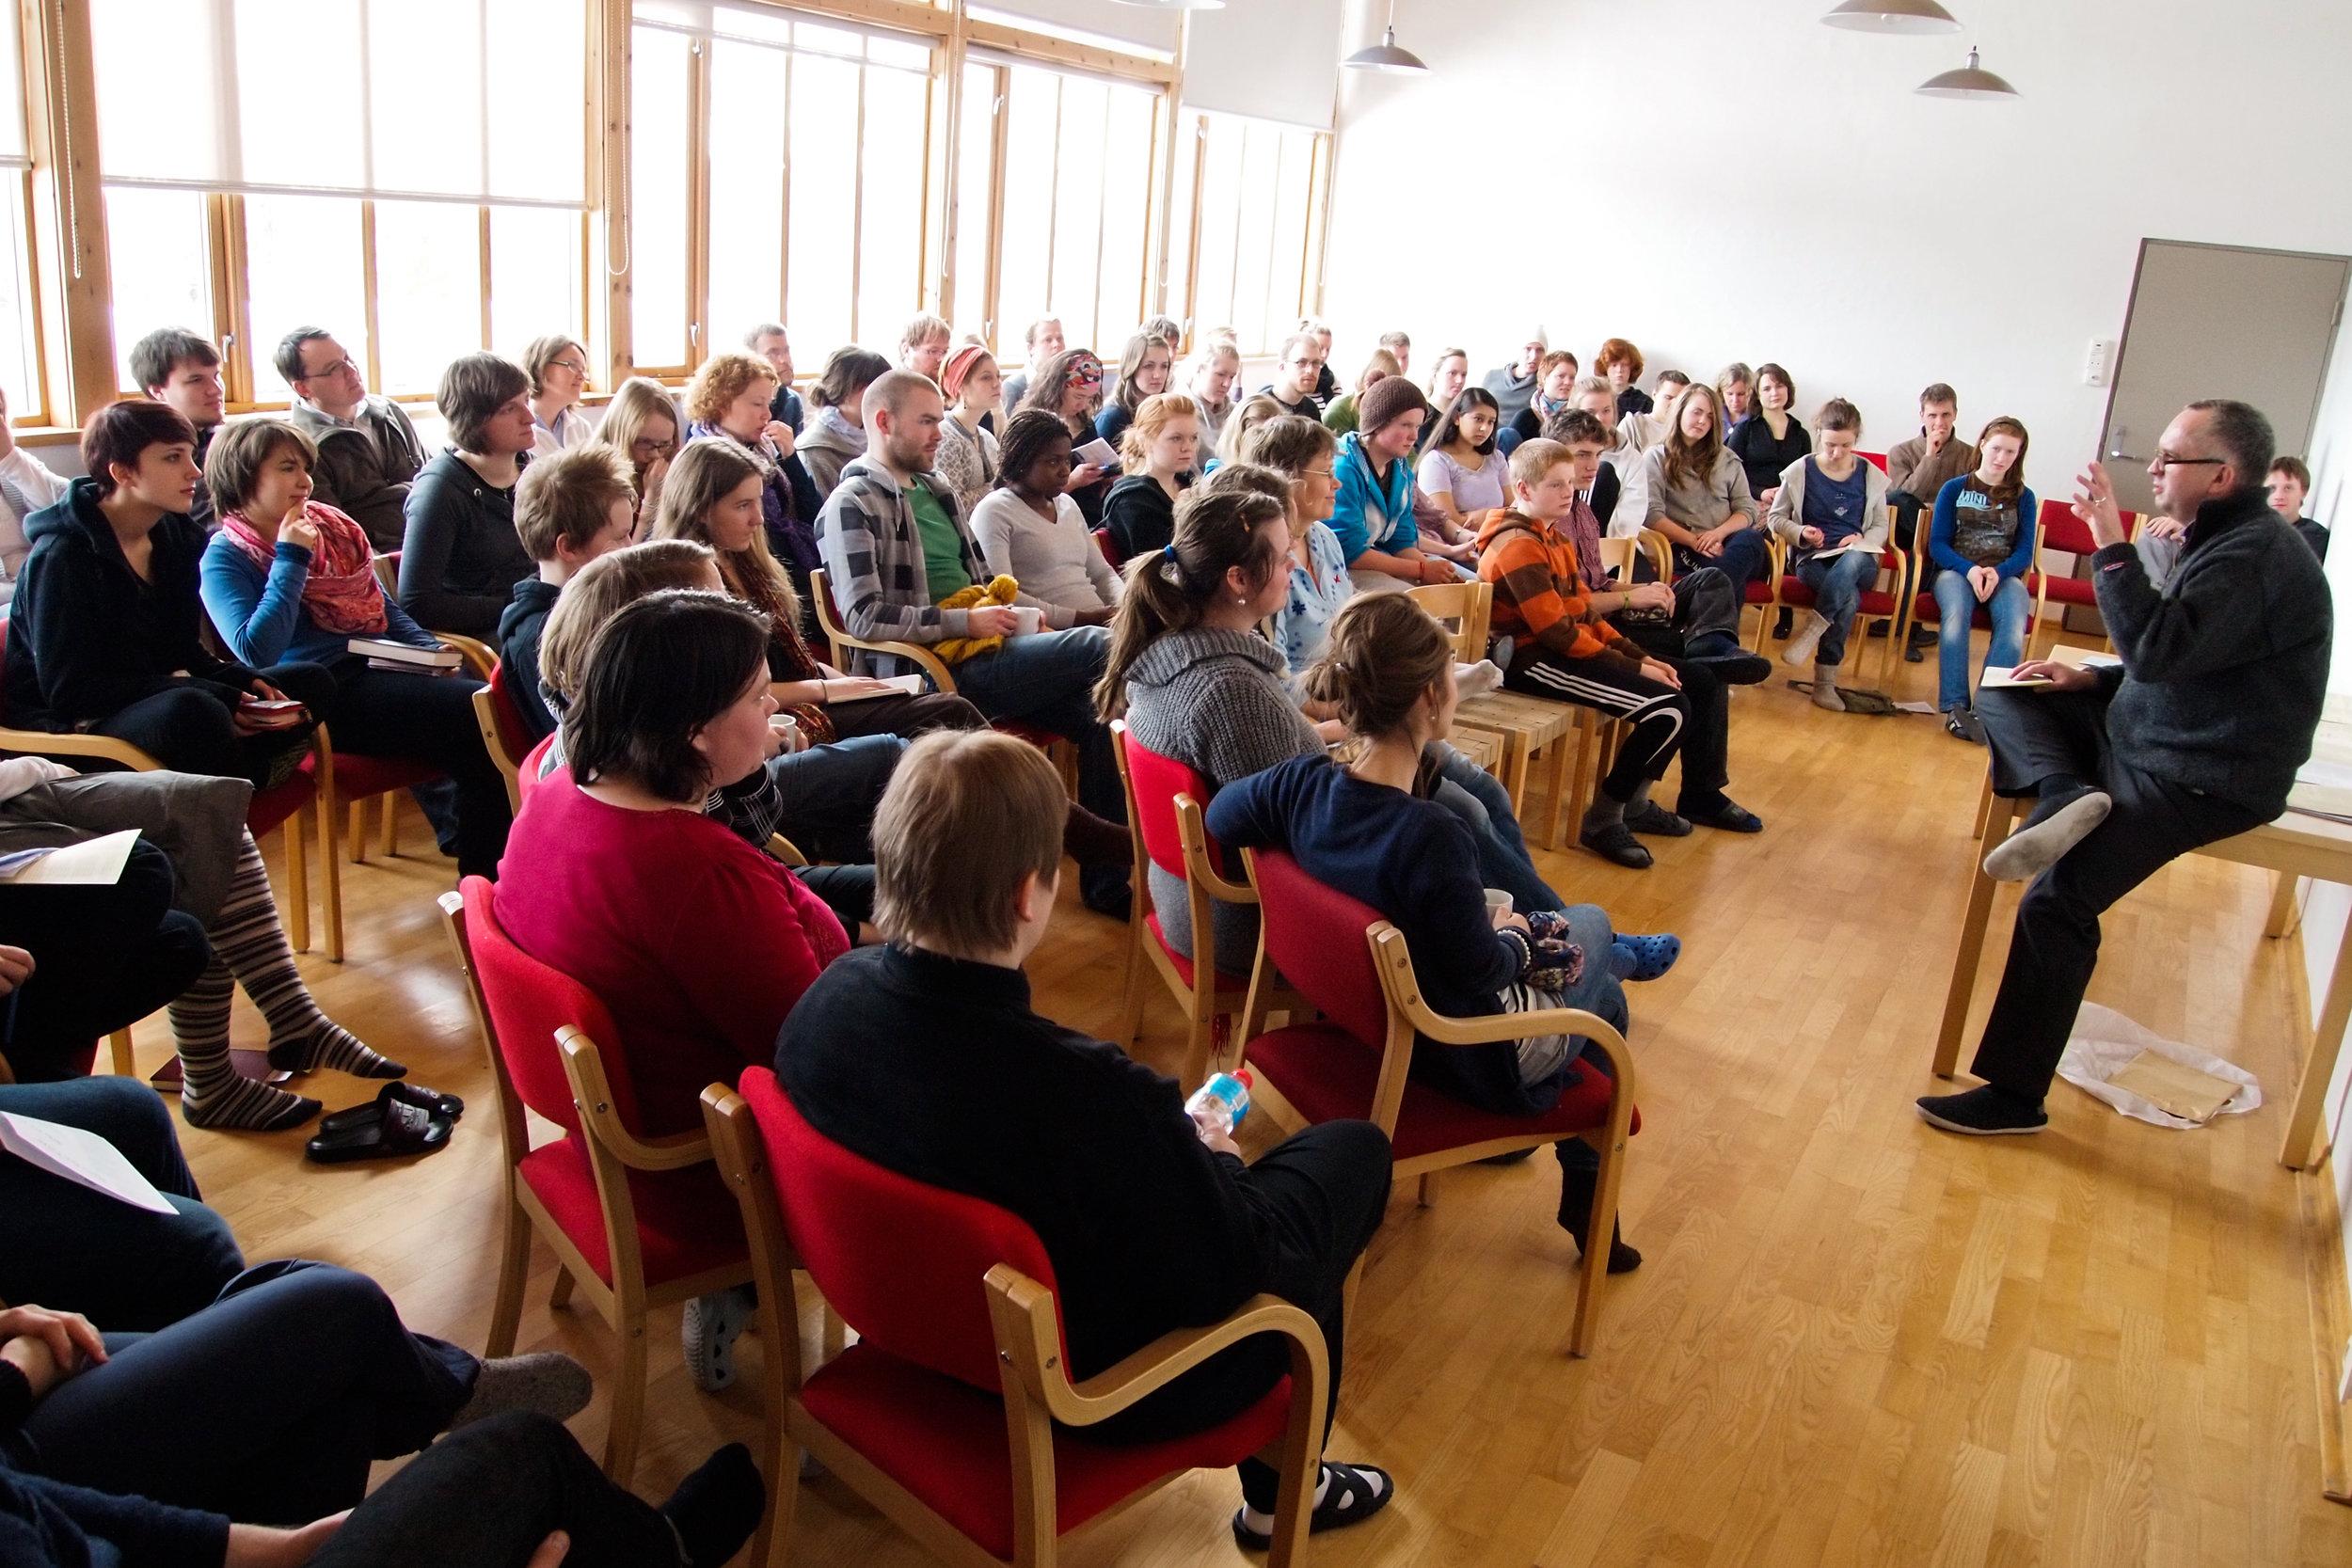 Grupper - Lia Gård er et populært sted for samlinger i regi av organisasjoner, bibelskoler og menigheter.